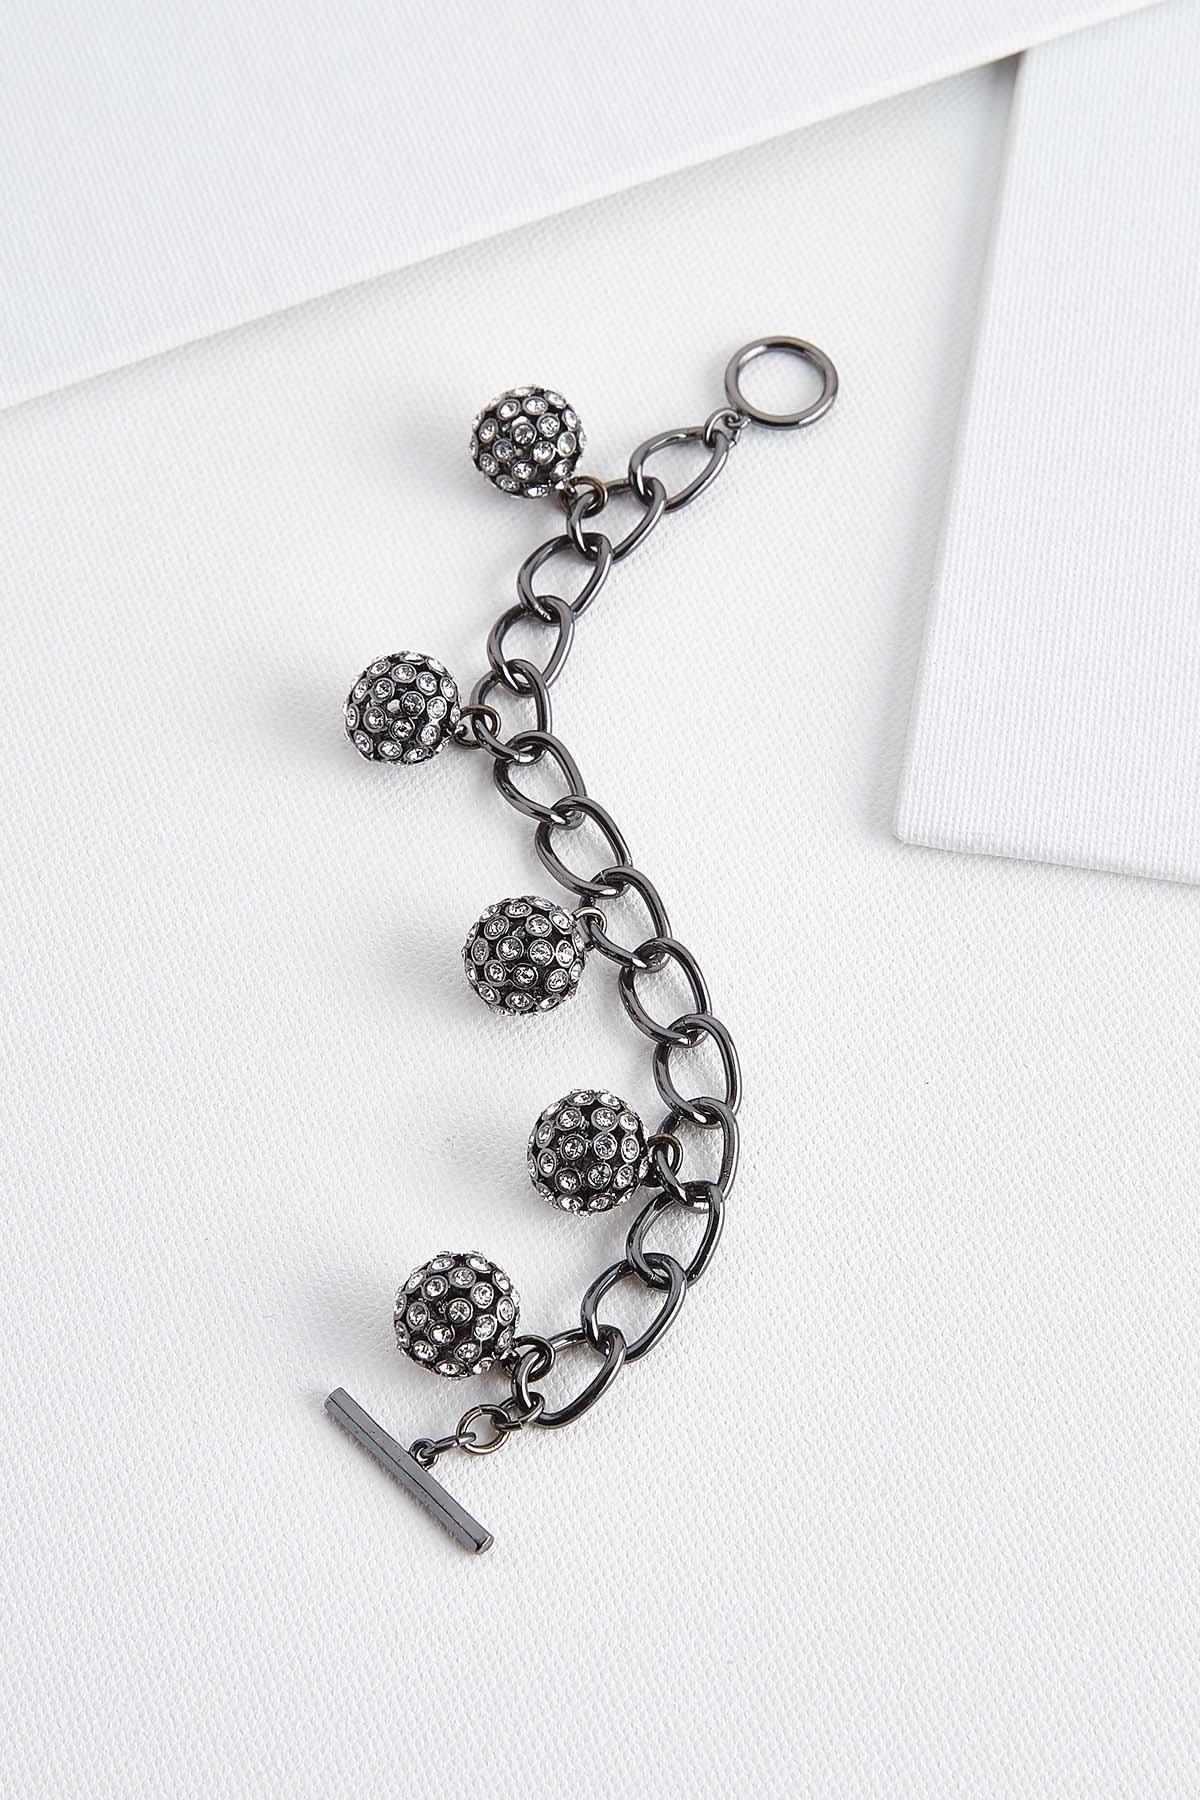 Rhinestone Charm Toggle Bracelet